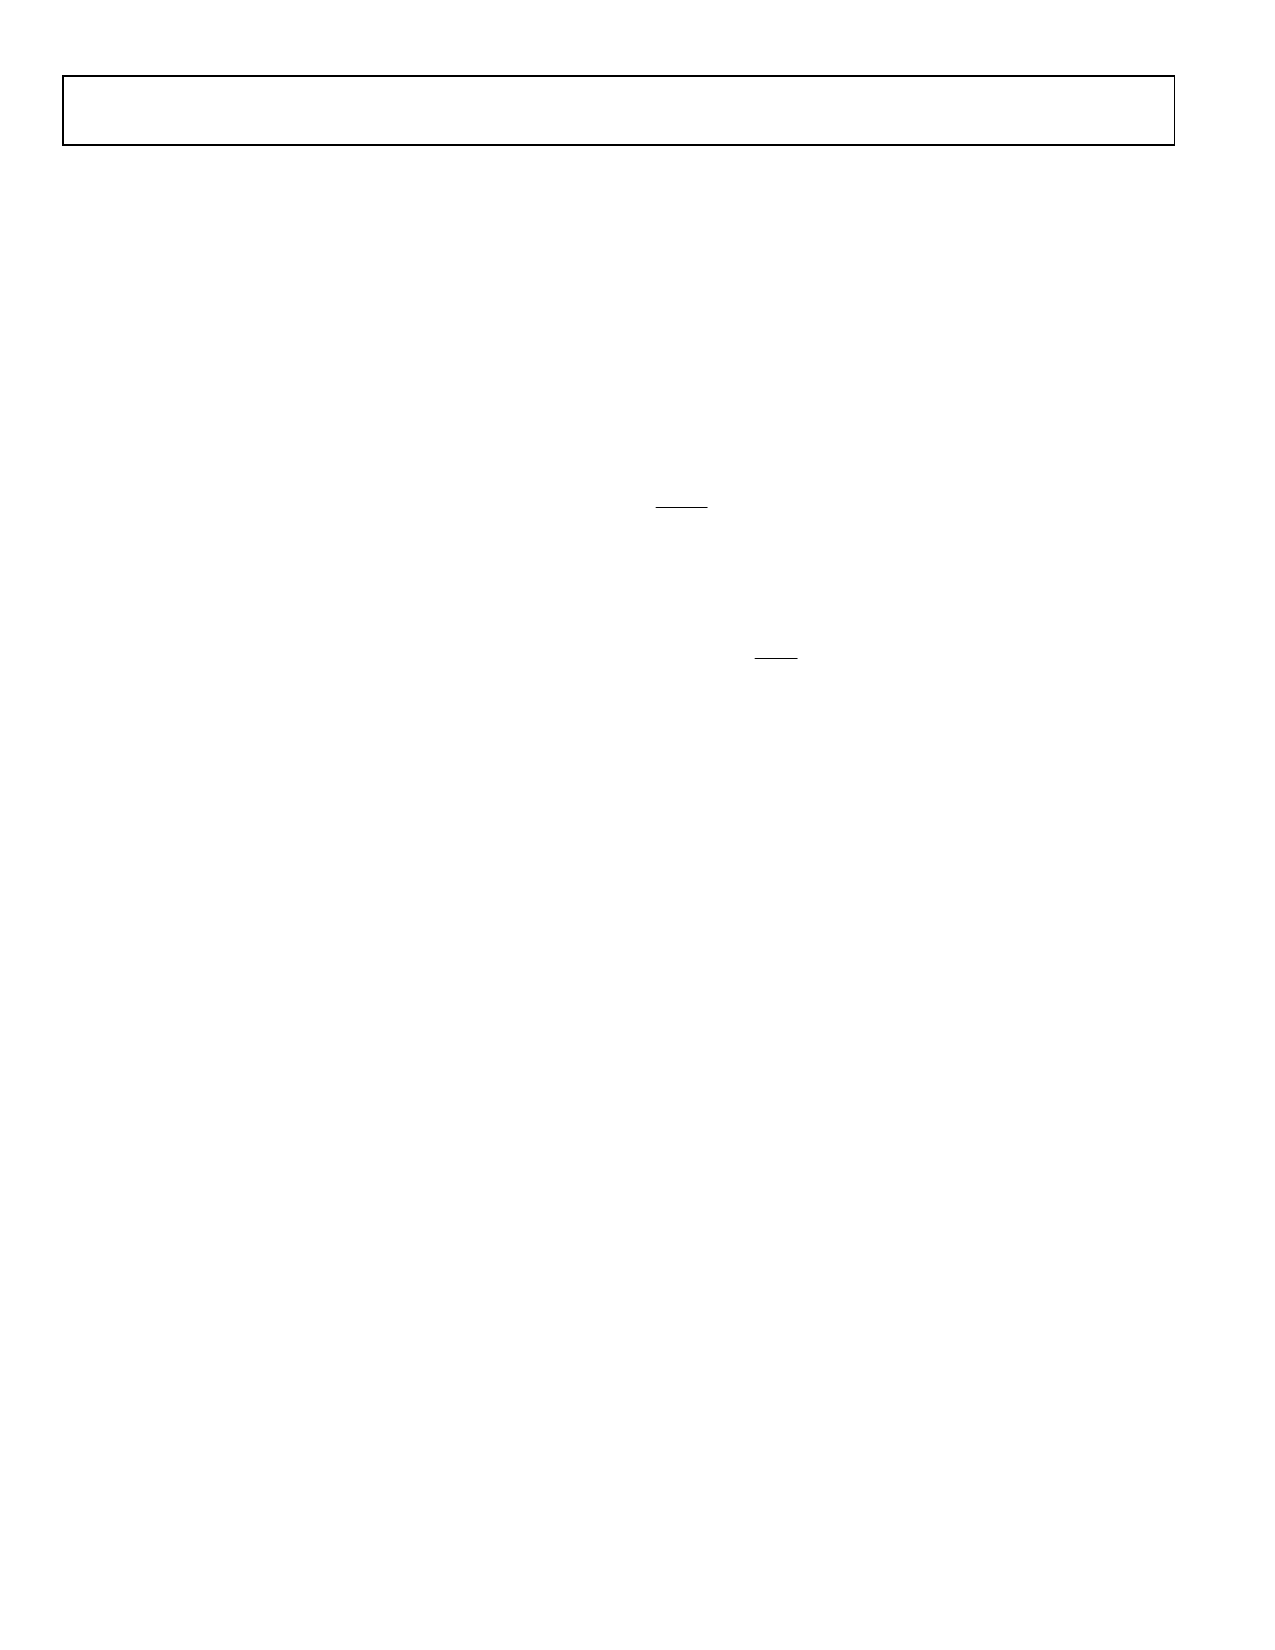 AD5665R Даташит, Описание, Даташиты